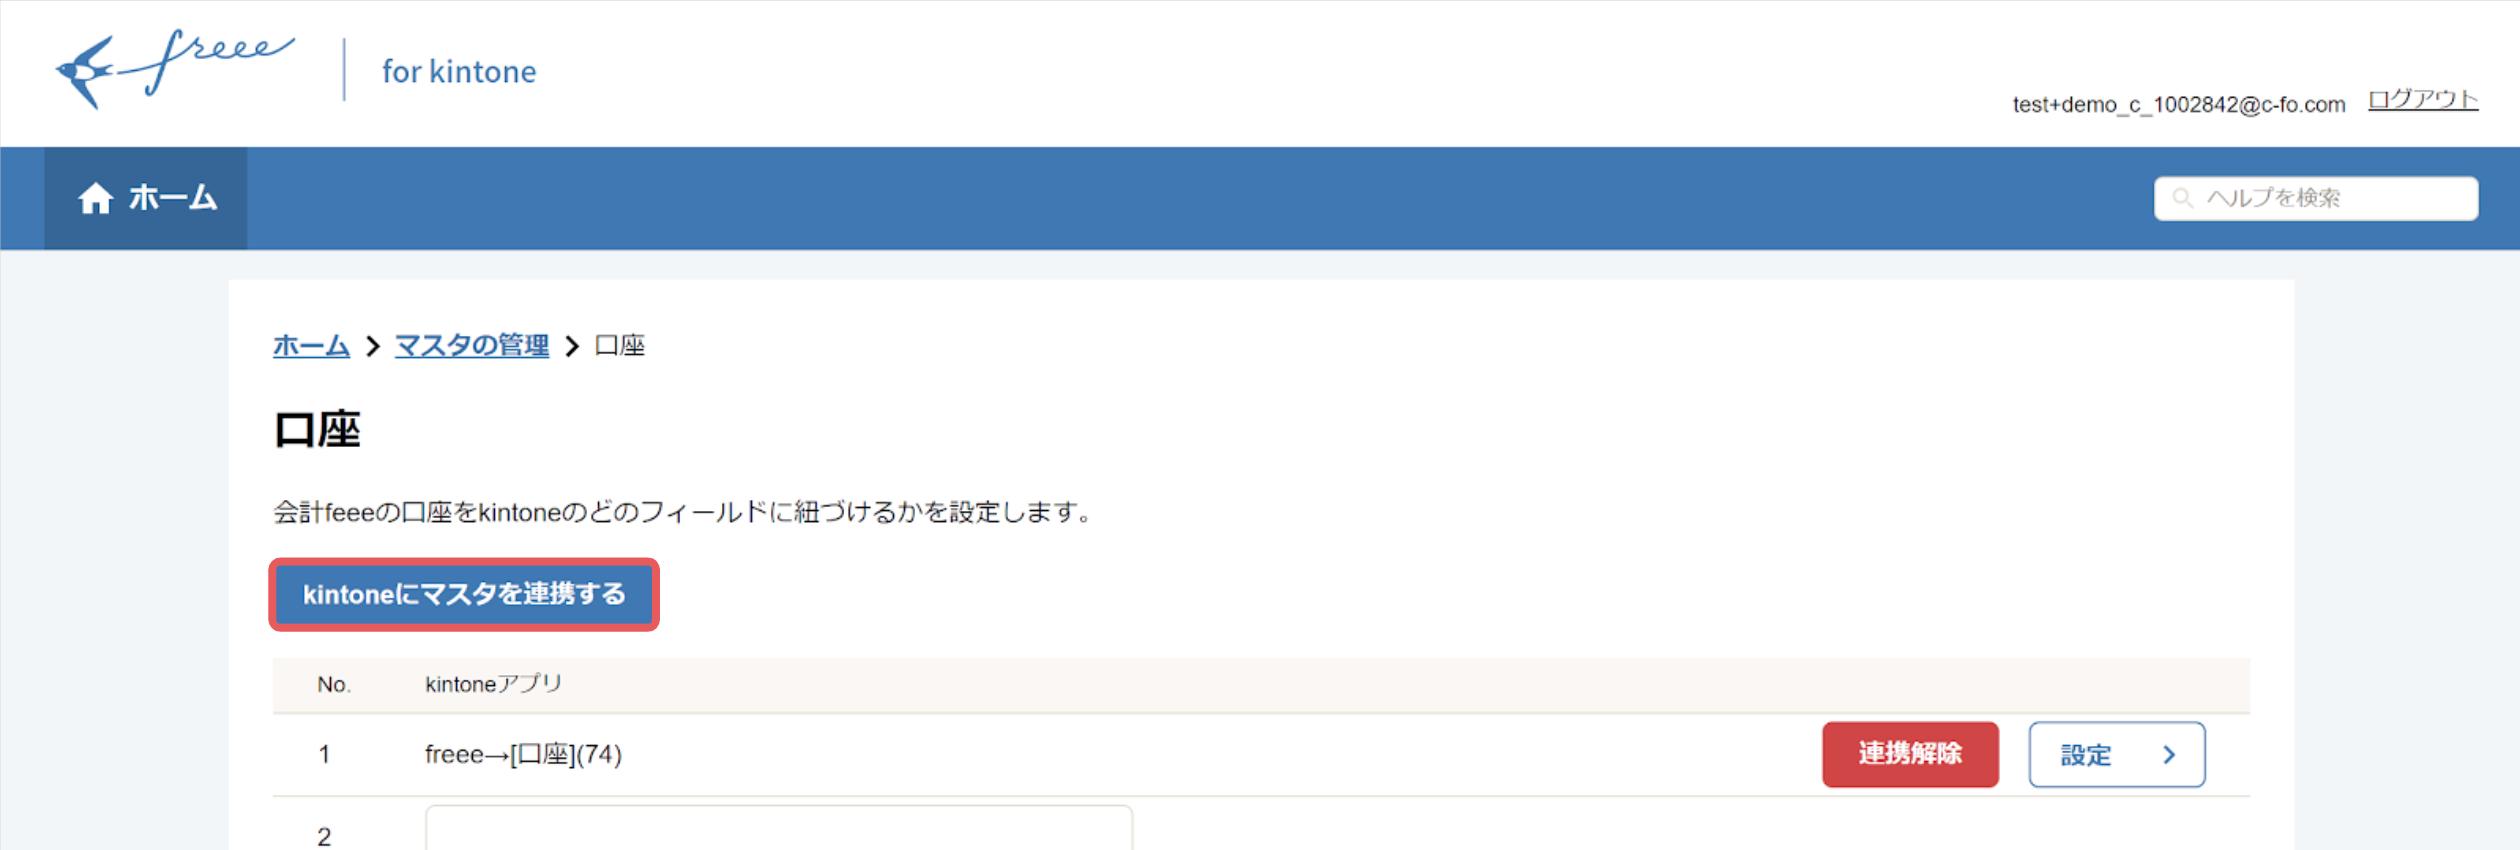 Screen_Shot_2020-07-09_at_16.53.18.png